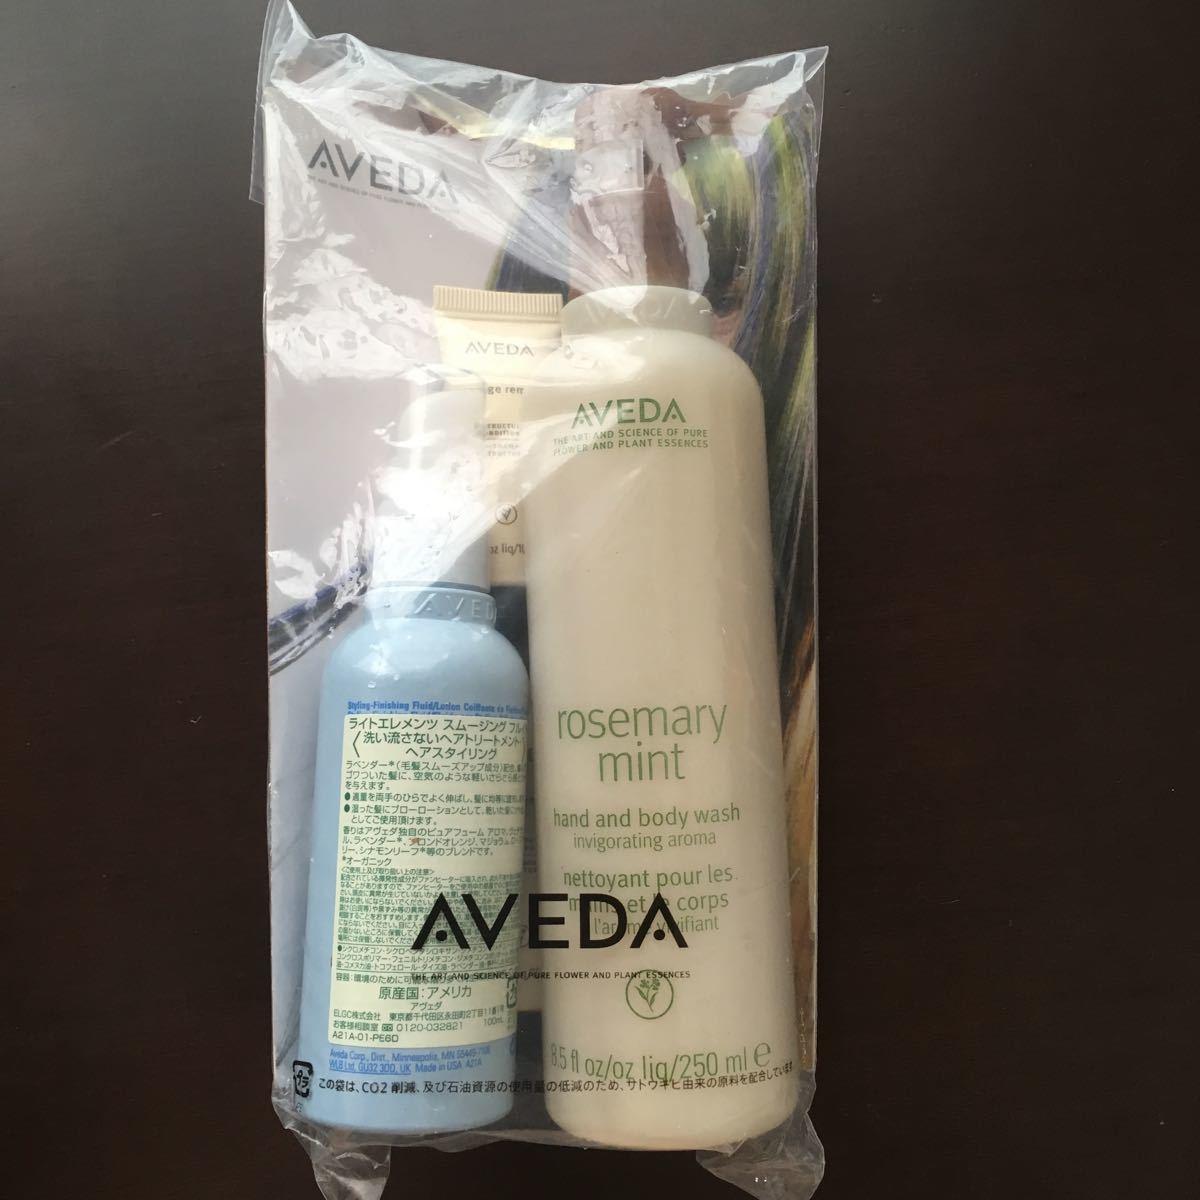 AVEDAアヴェダ ヘアスタイリング、ハンドアンドボディーウォッシュローズマリーミント(共に現品サイズ) ダメージレメディ(試供品サイズ)